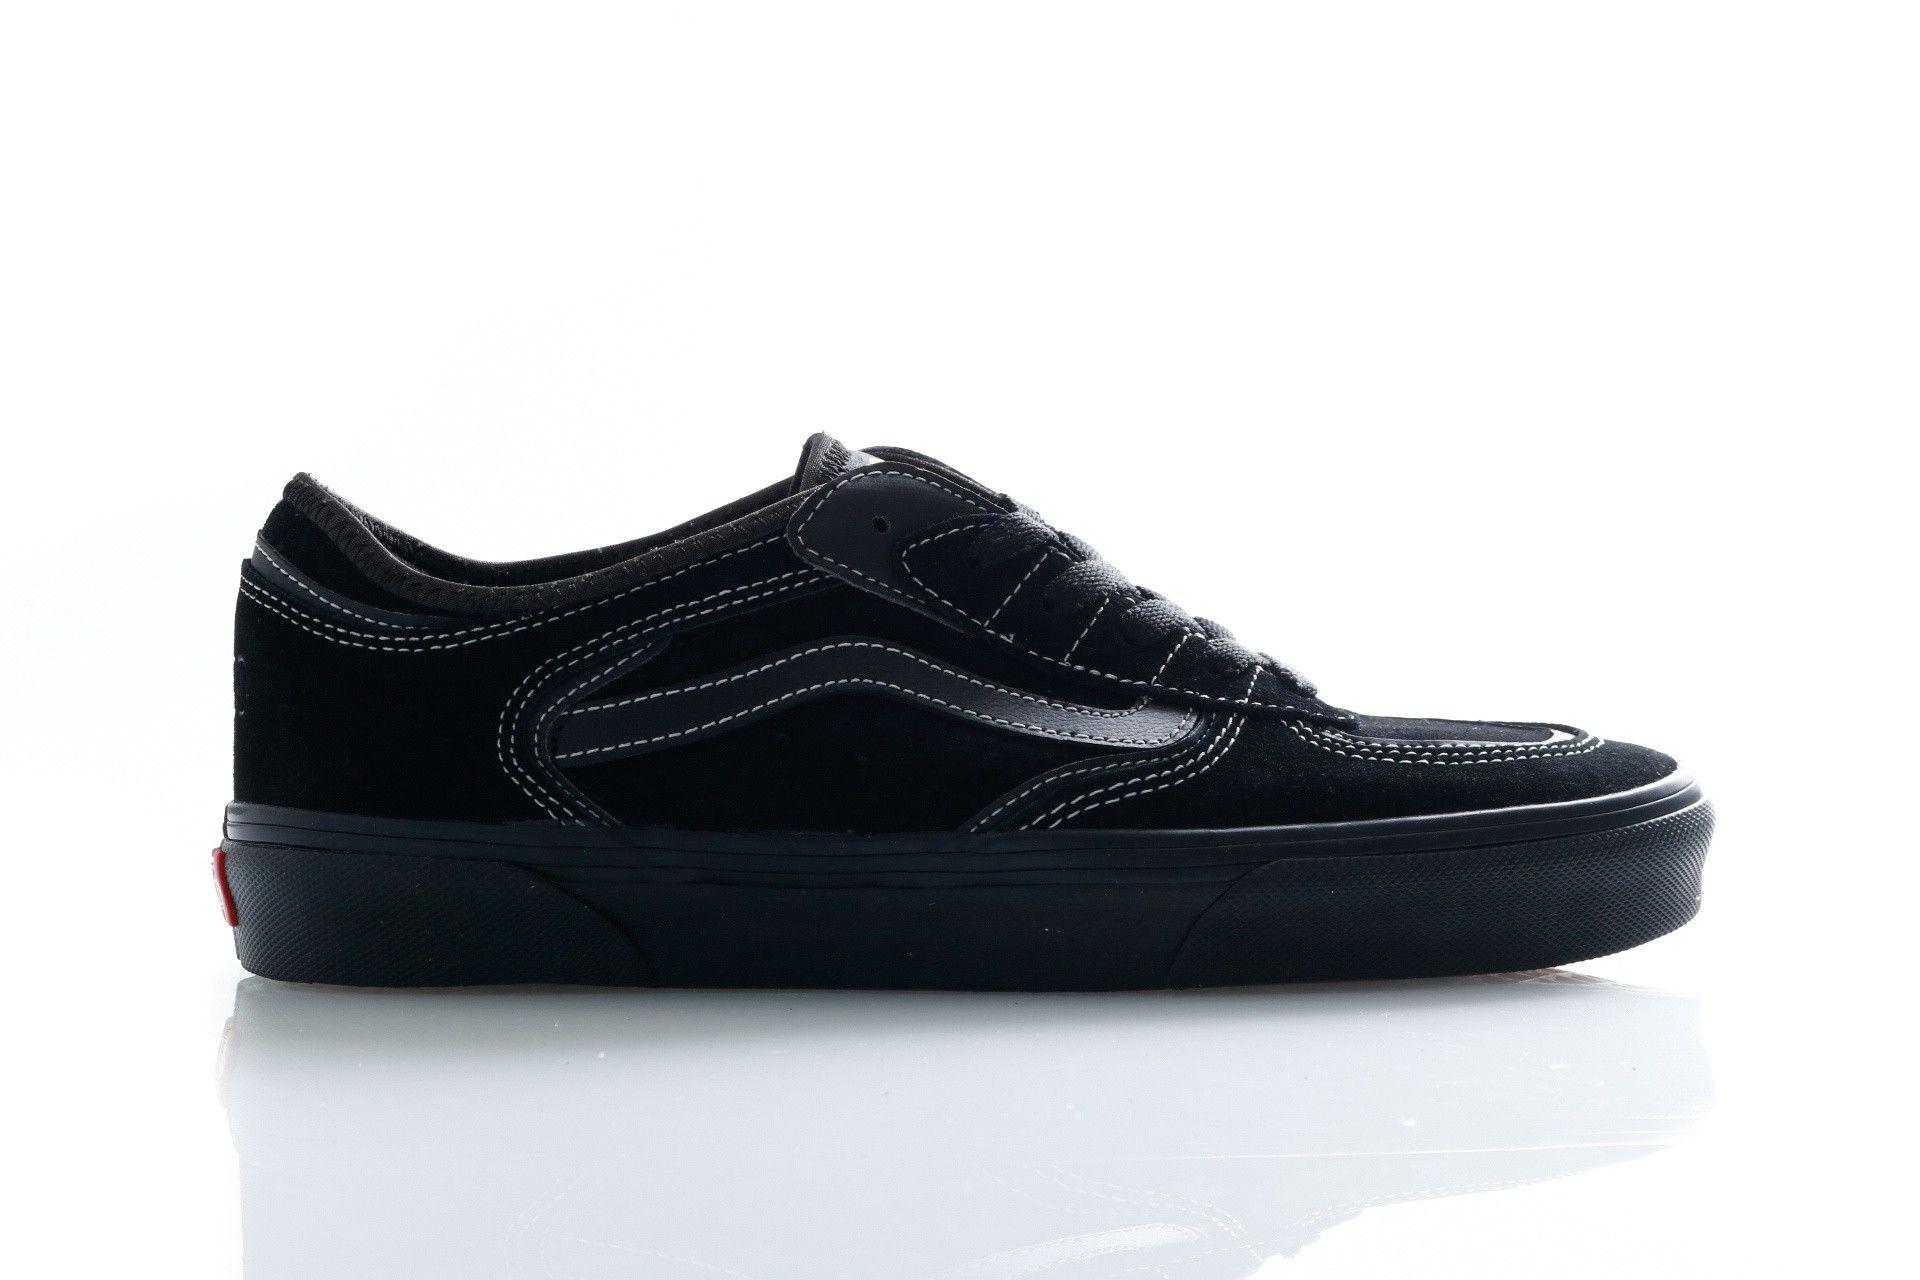 Afbeelding van Vans Sneakers Ua Rowley Classic Black/Black VN0A4BTTBKA1